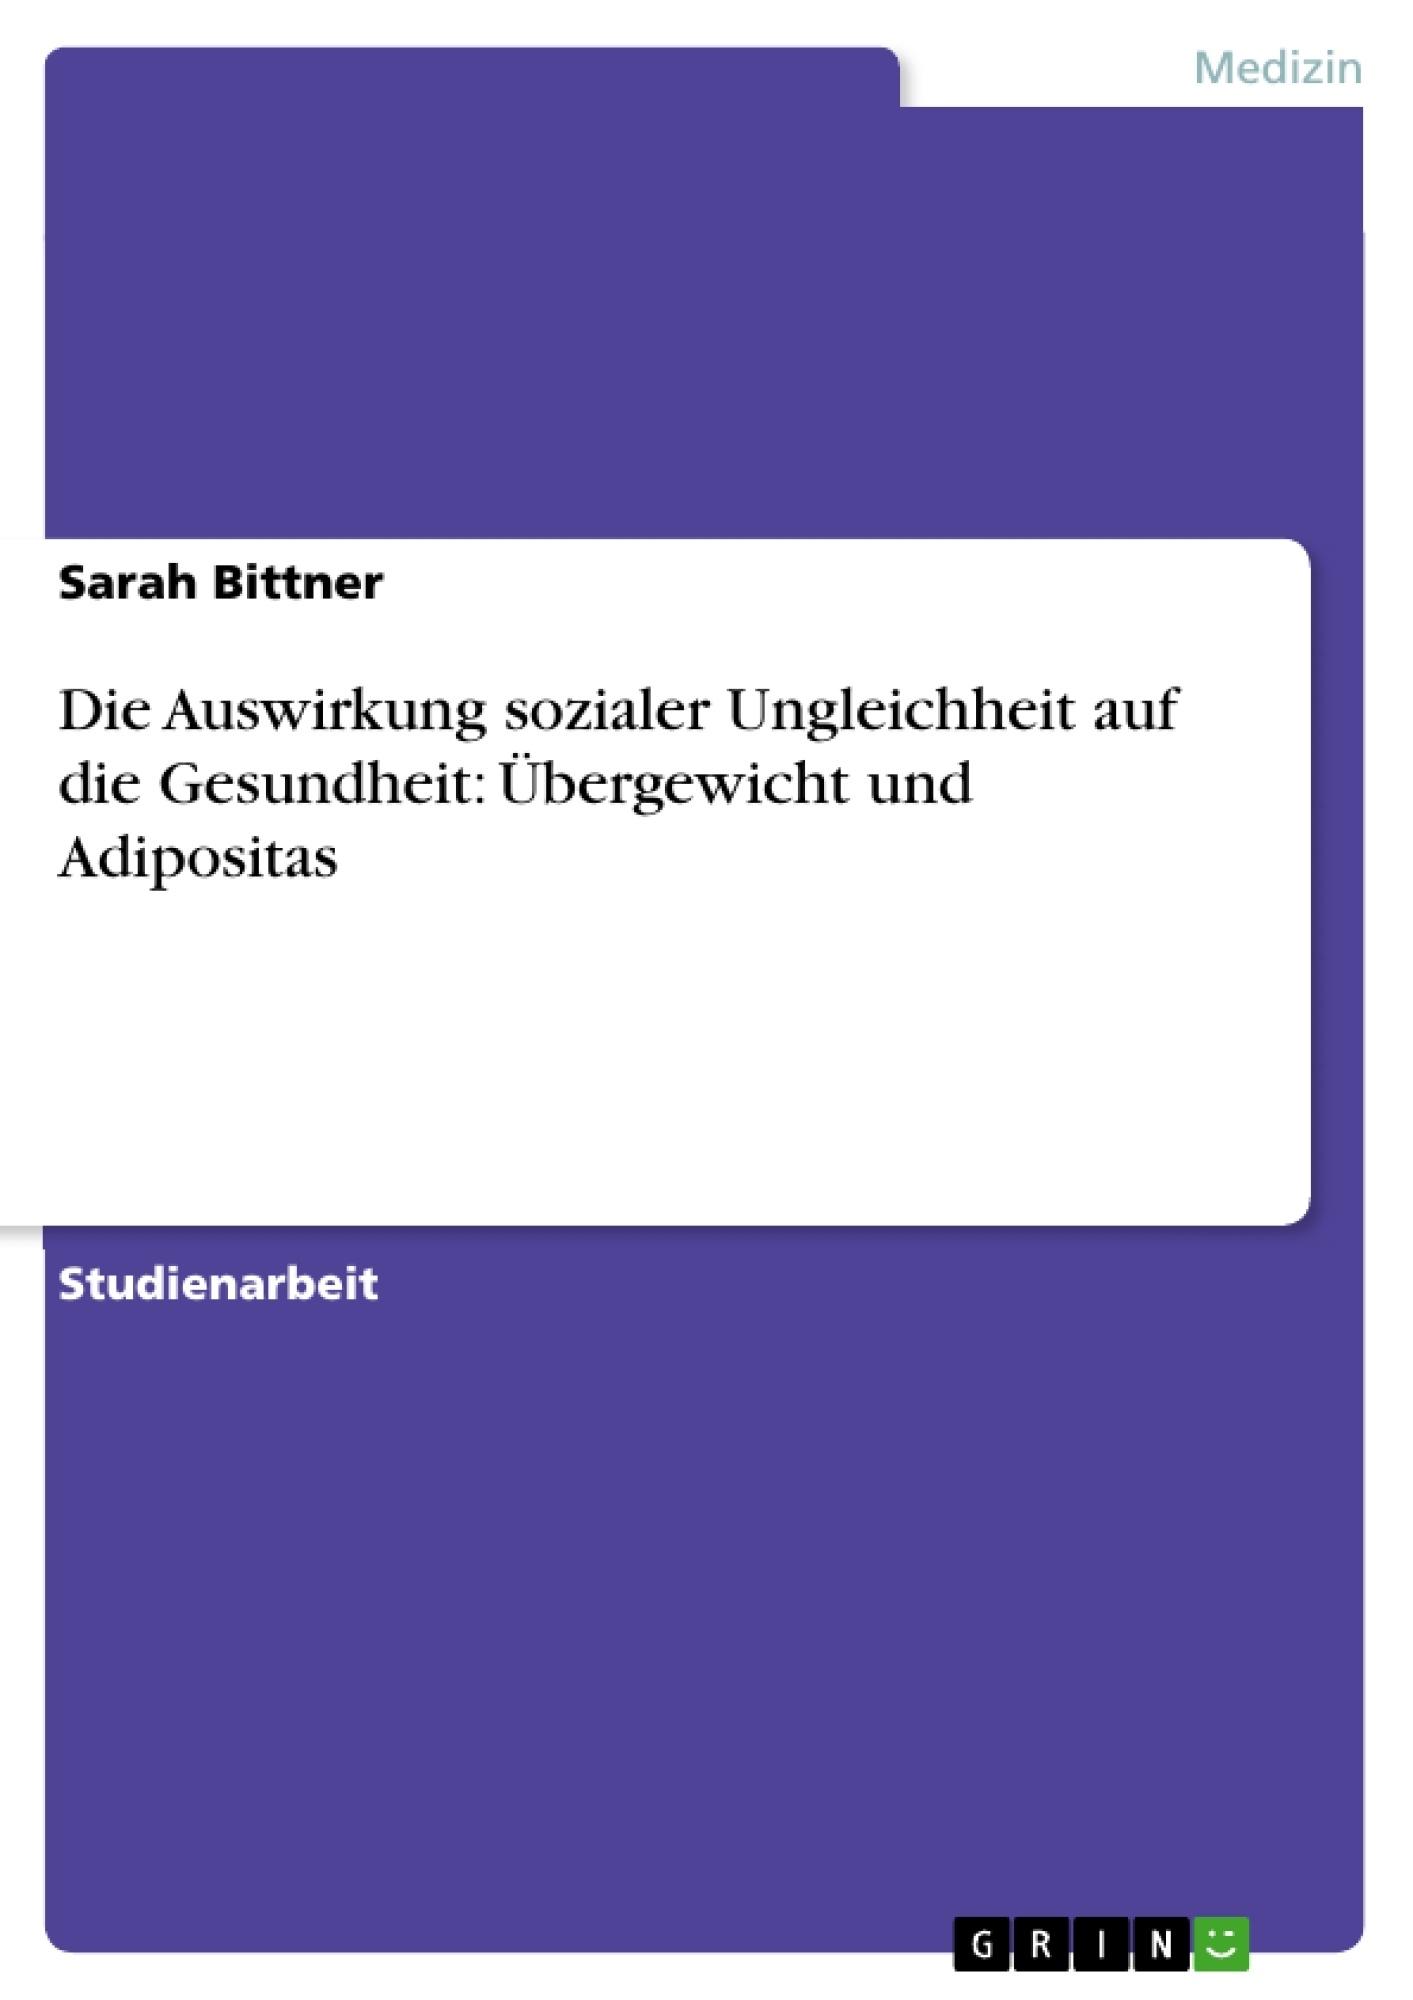 Titel: Die Auswirkung sozialer Ungleichheit auf die Gesundheit: Übergewicht und Adipositas